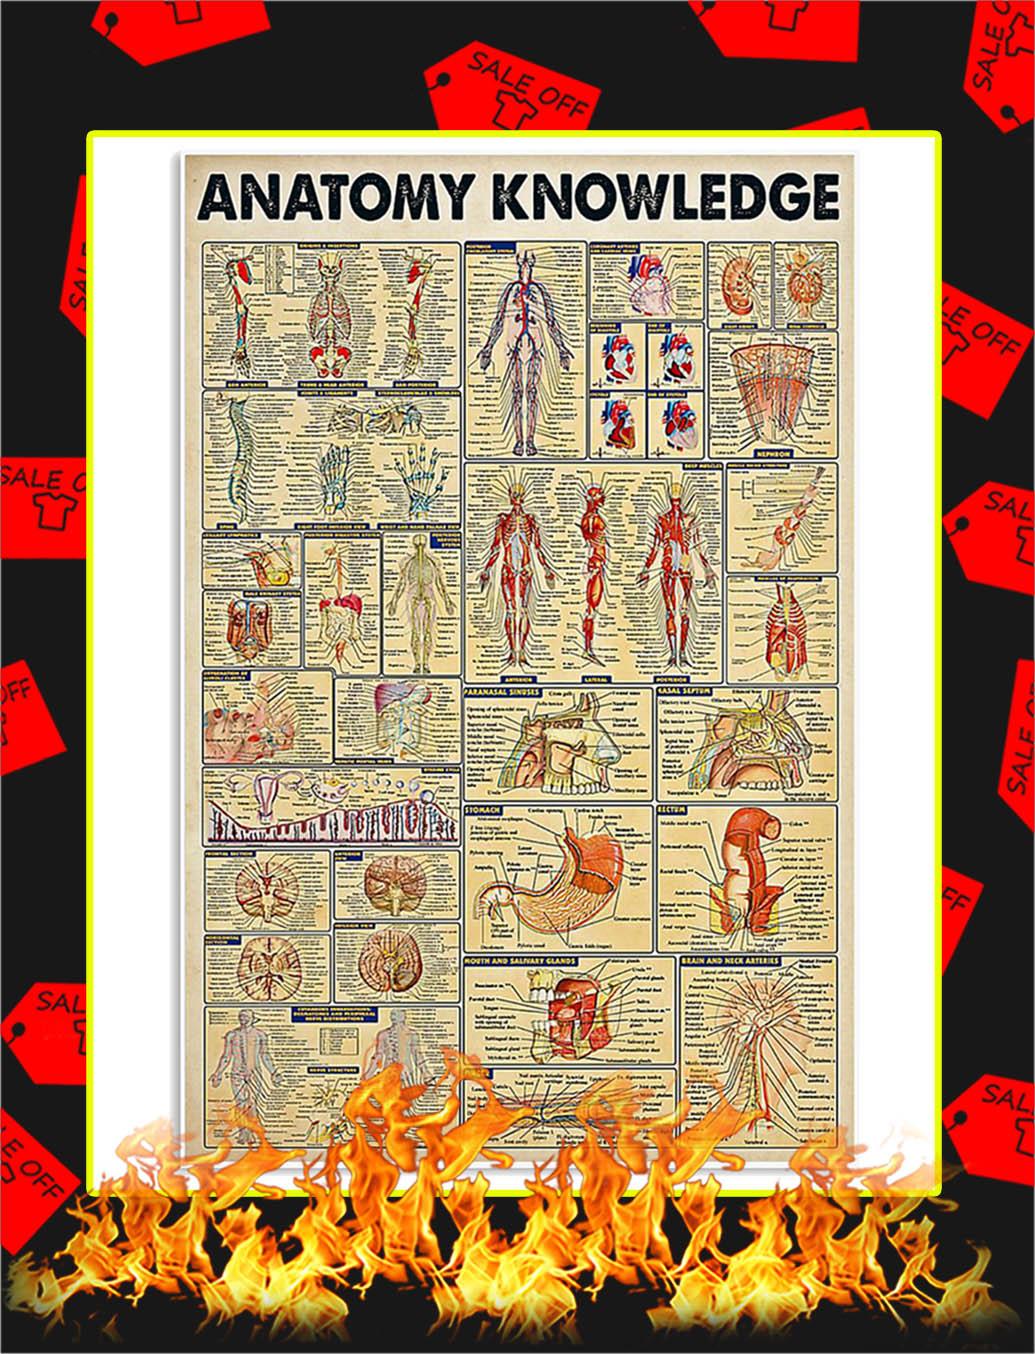 Anatomy Knowledge Poster - 24x36